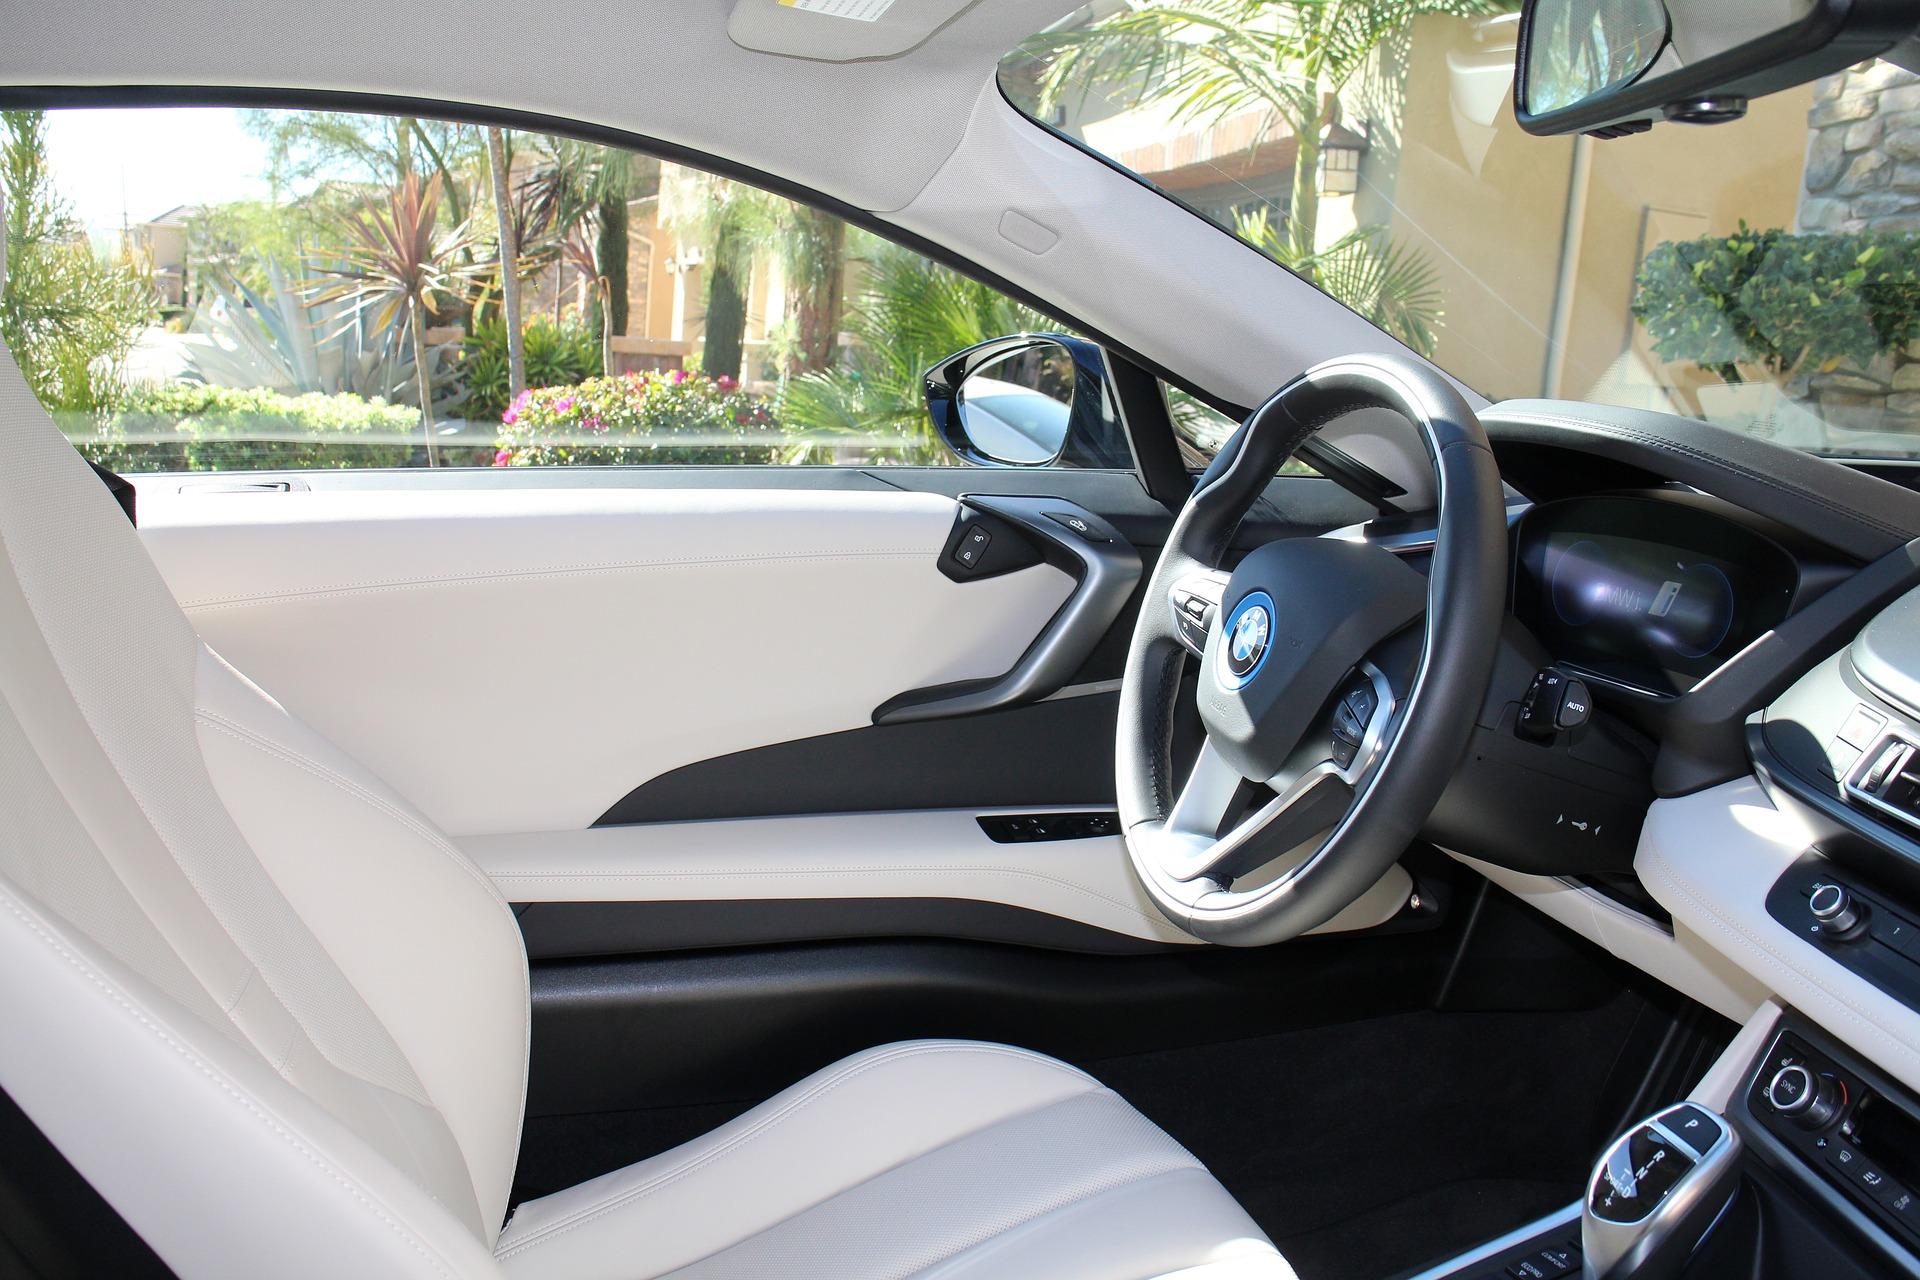 Foto da parte interna de um carro branco. Imagem ilustrativa para o texto limpeza de carros por dentro.